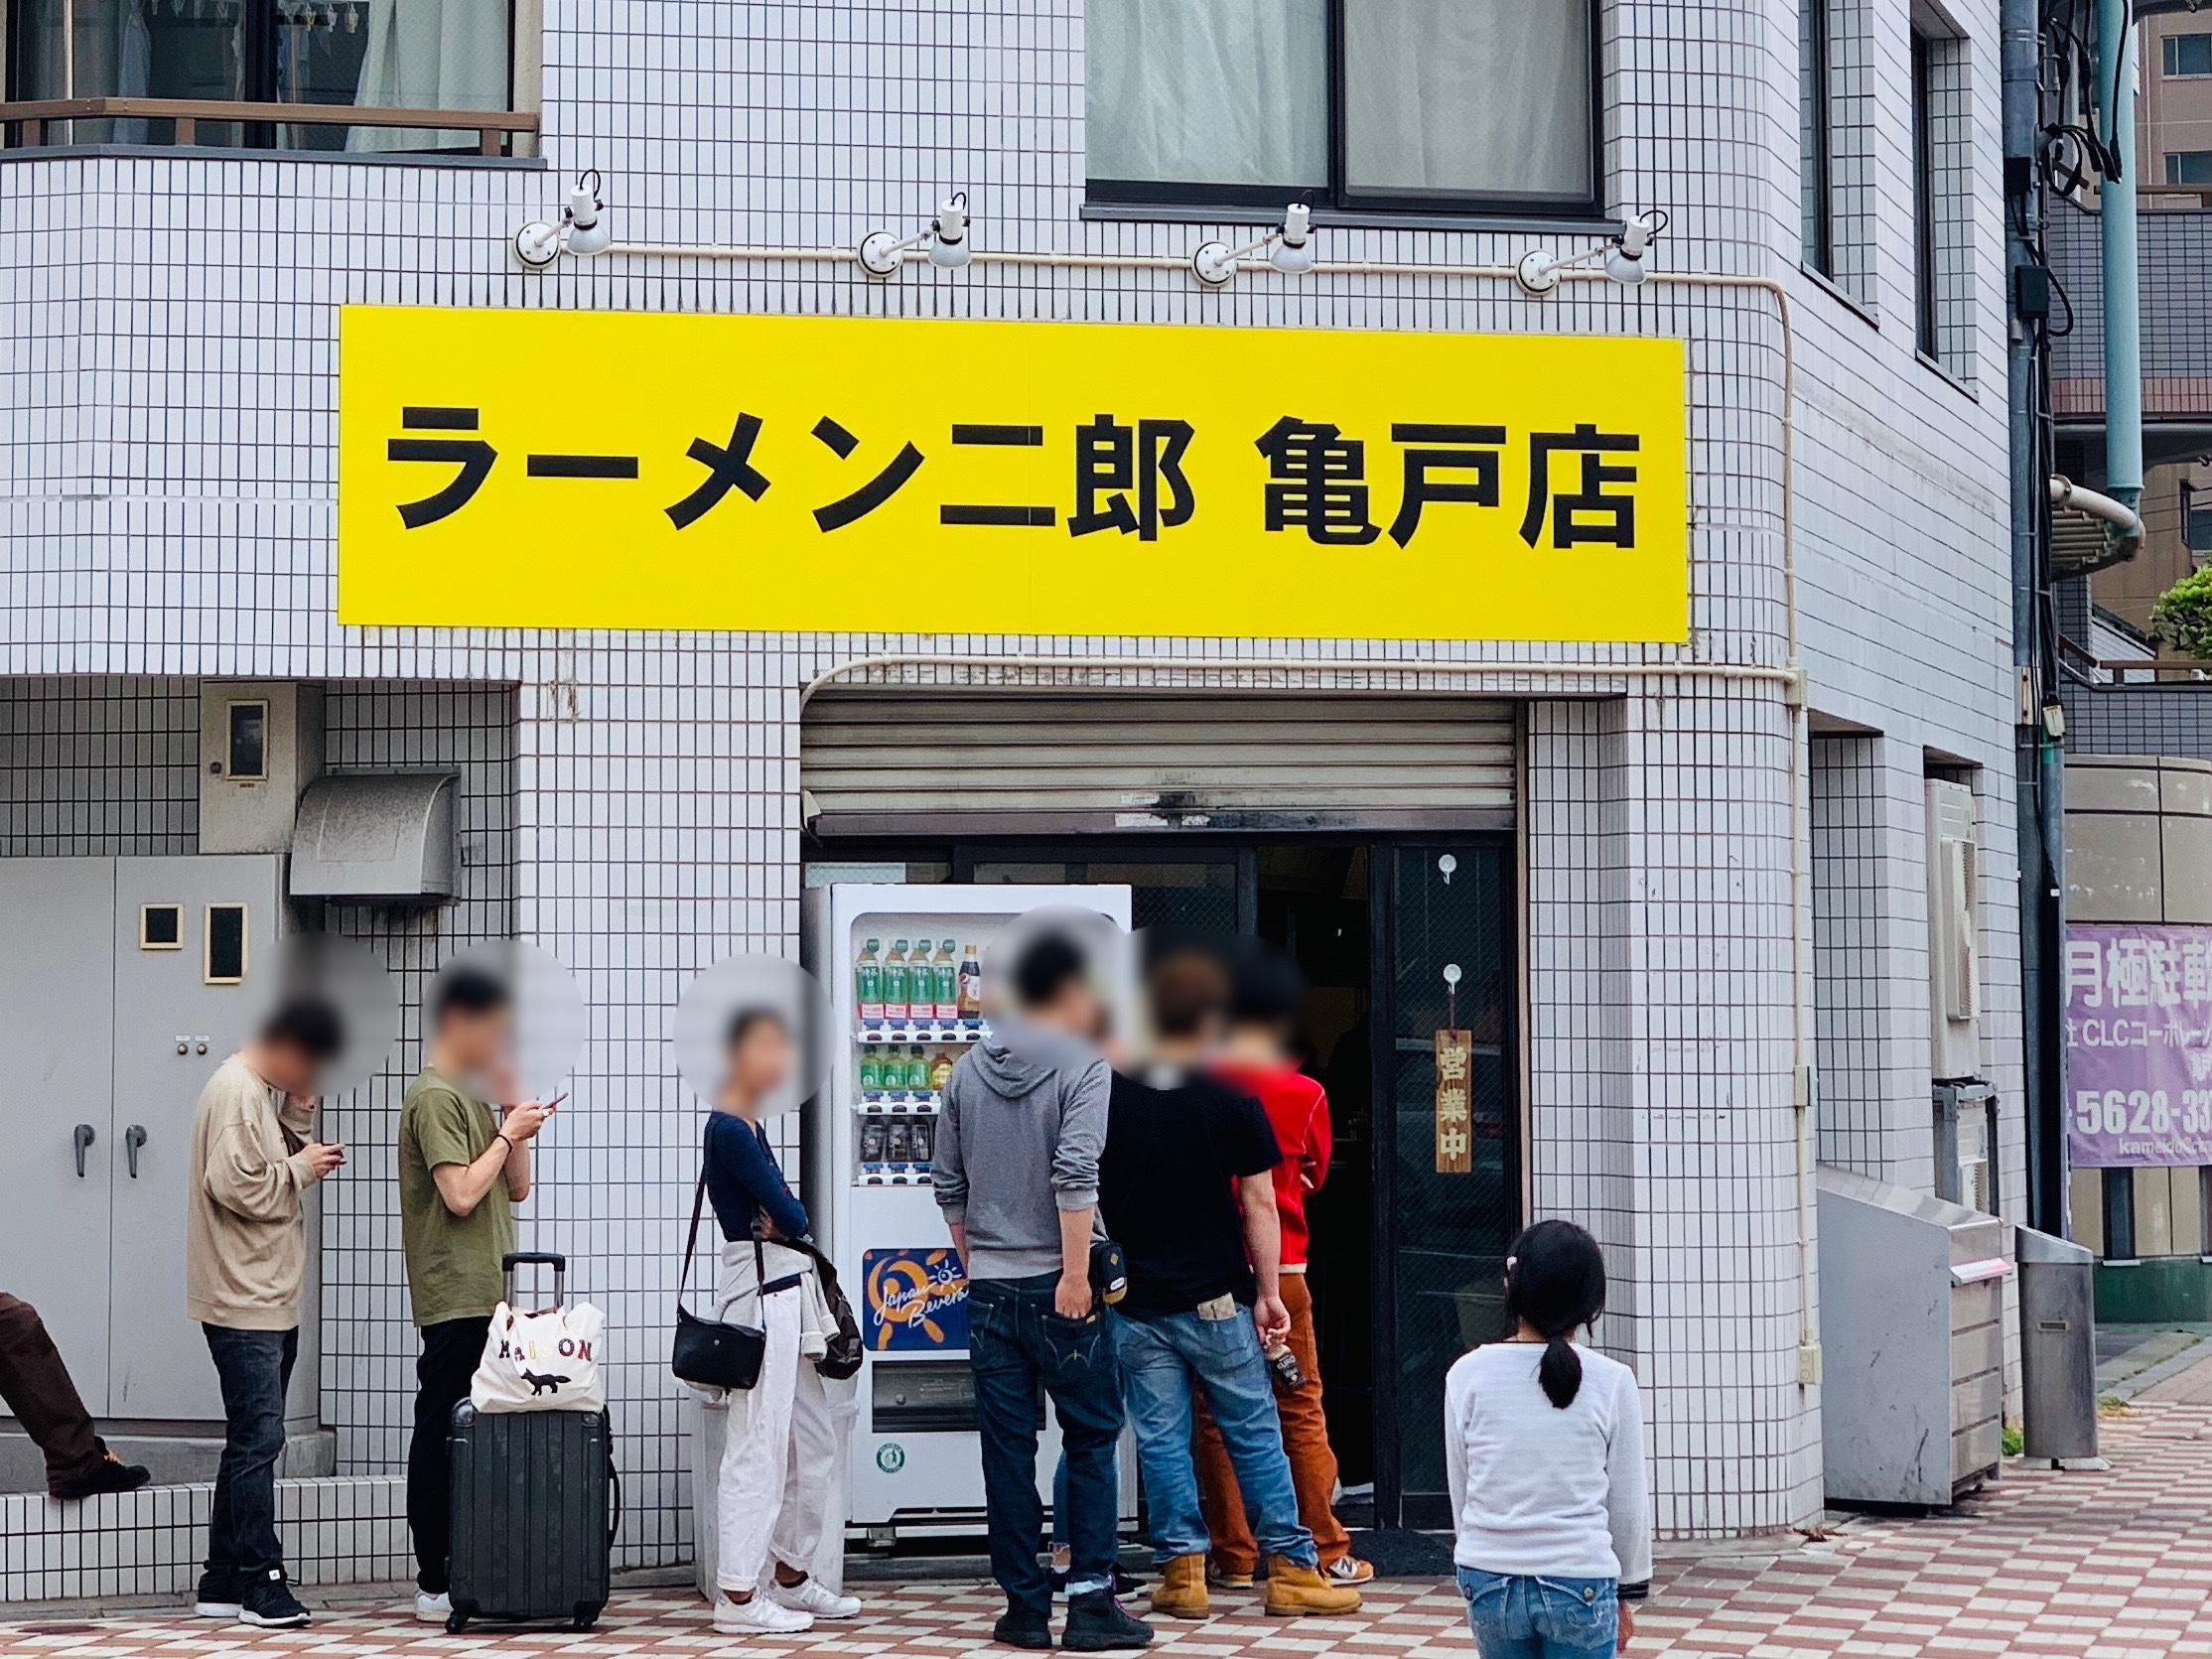 ラーメン二郎亀戸店看板